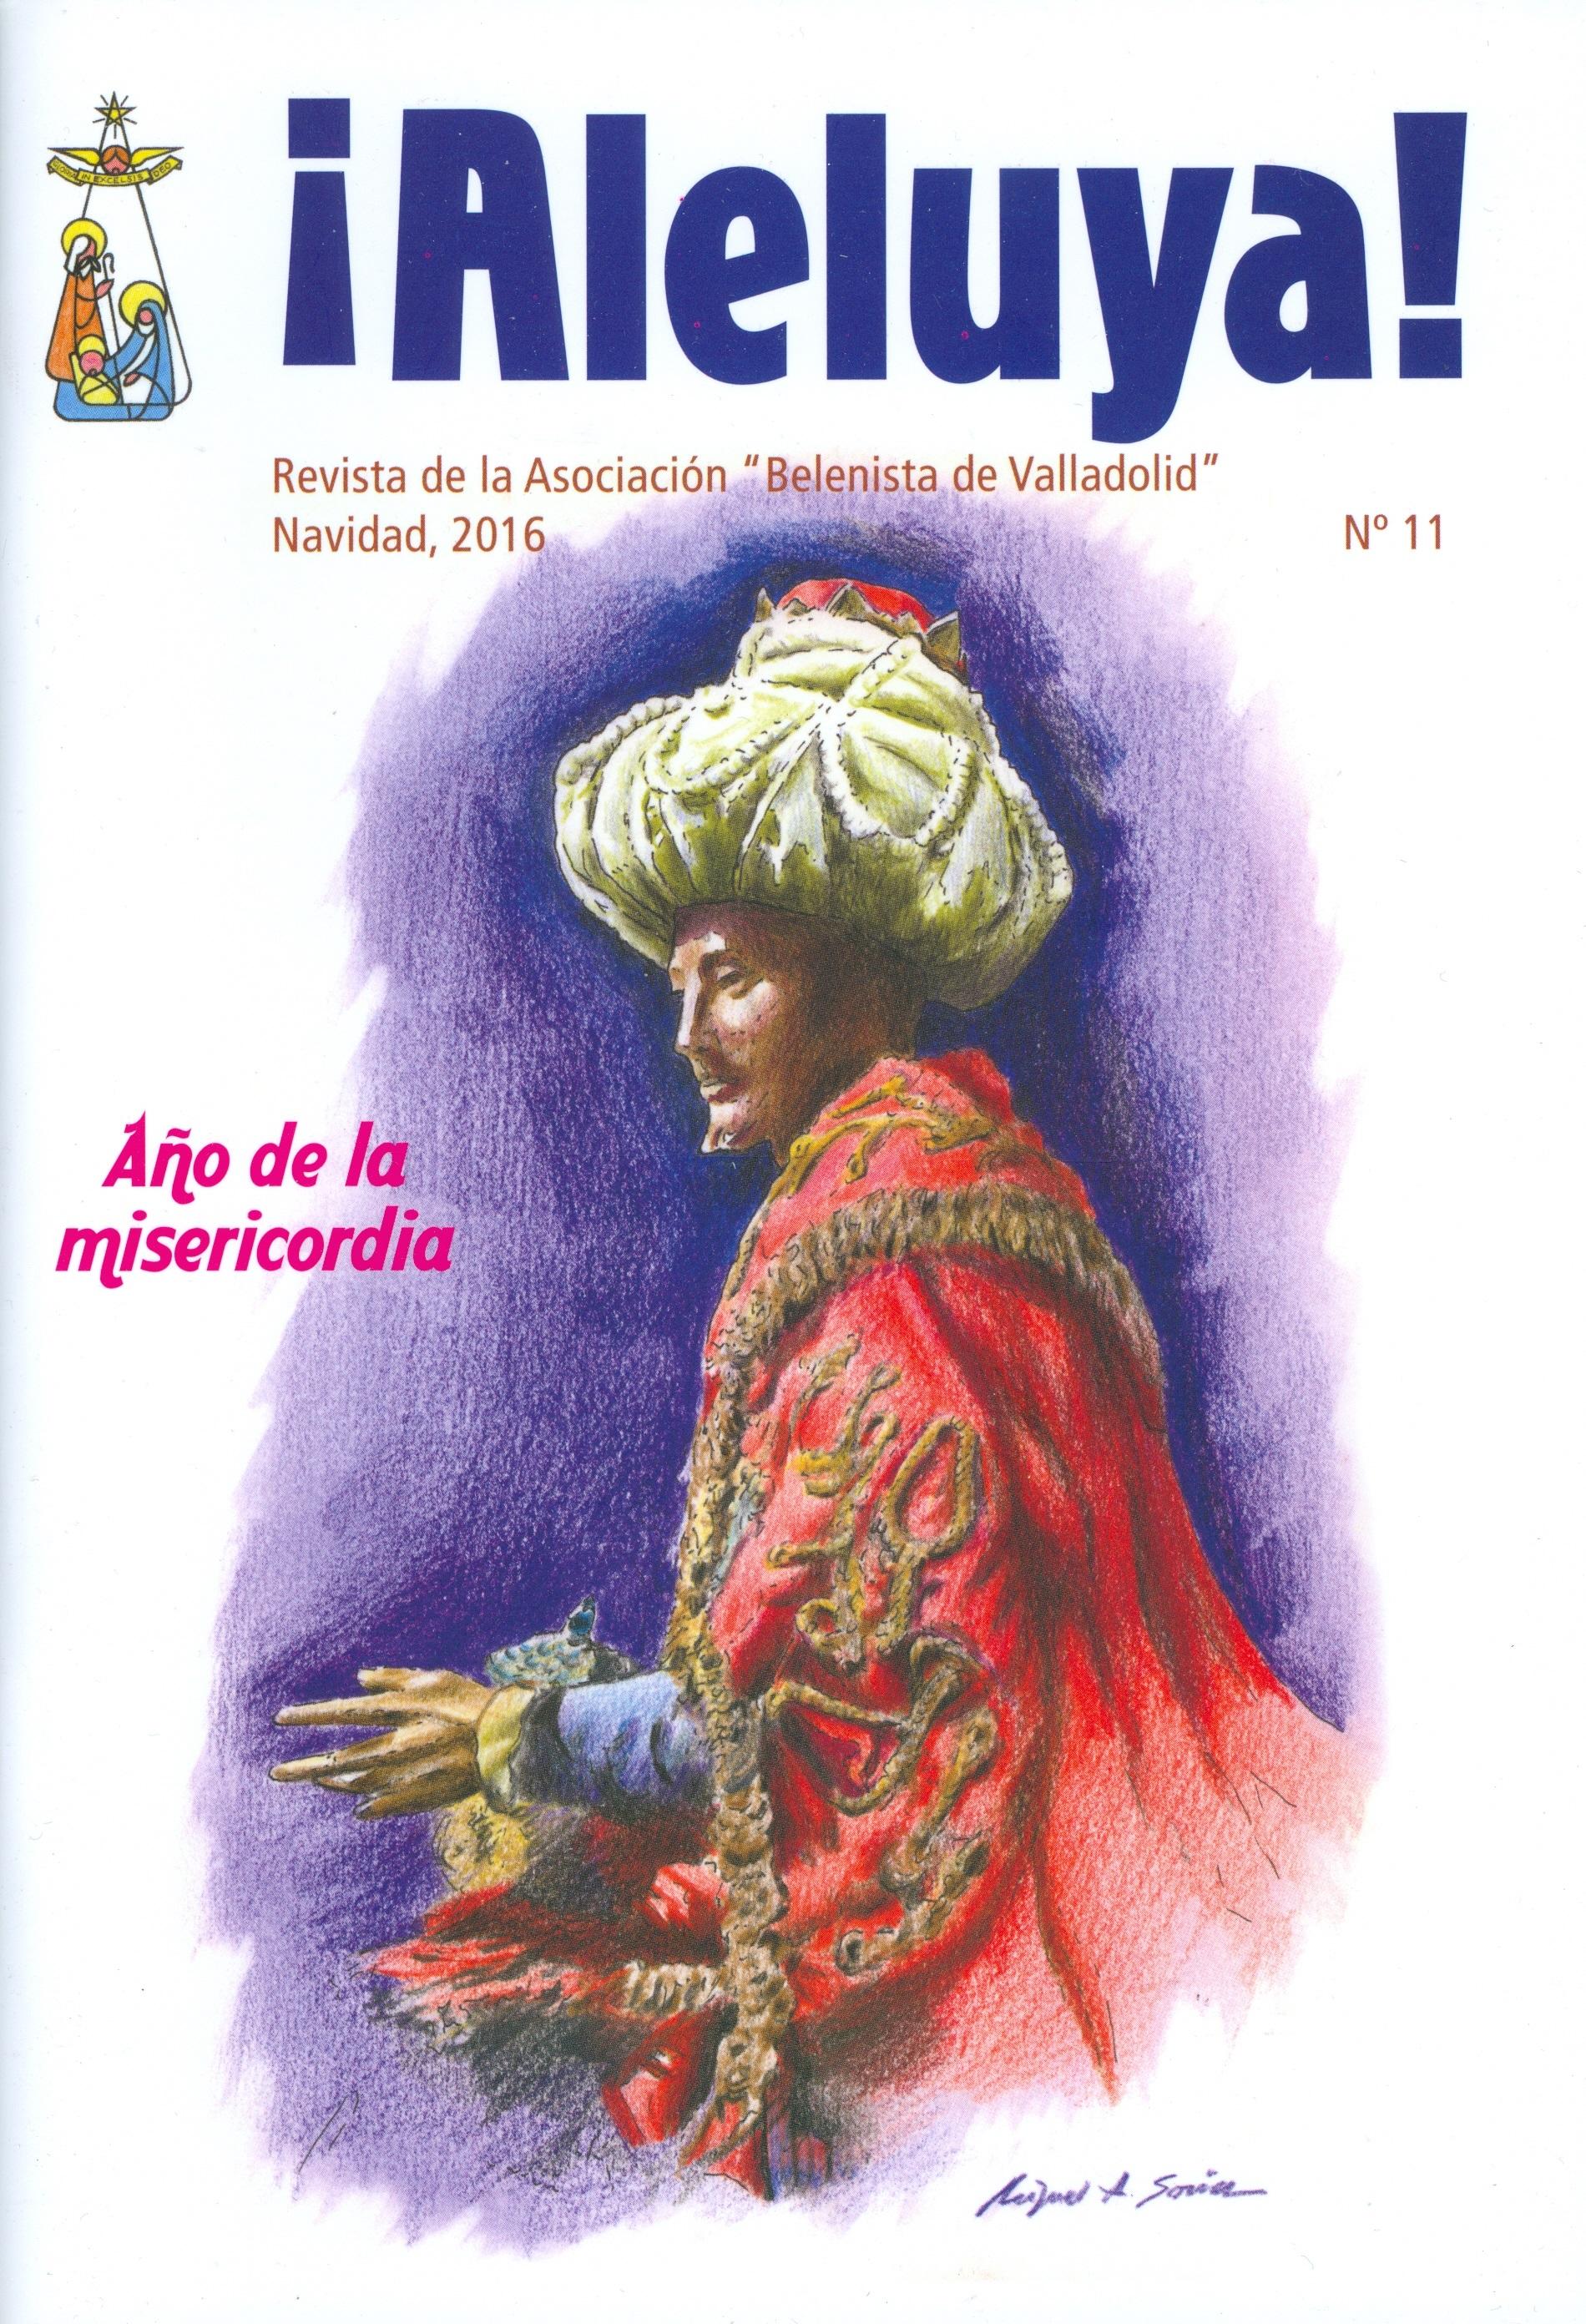 """Portada de la revista Aleluya Nº 11 - 2016, de la Asociación """"Belenistas de Valladolid"""""""